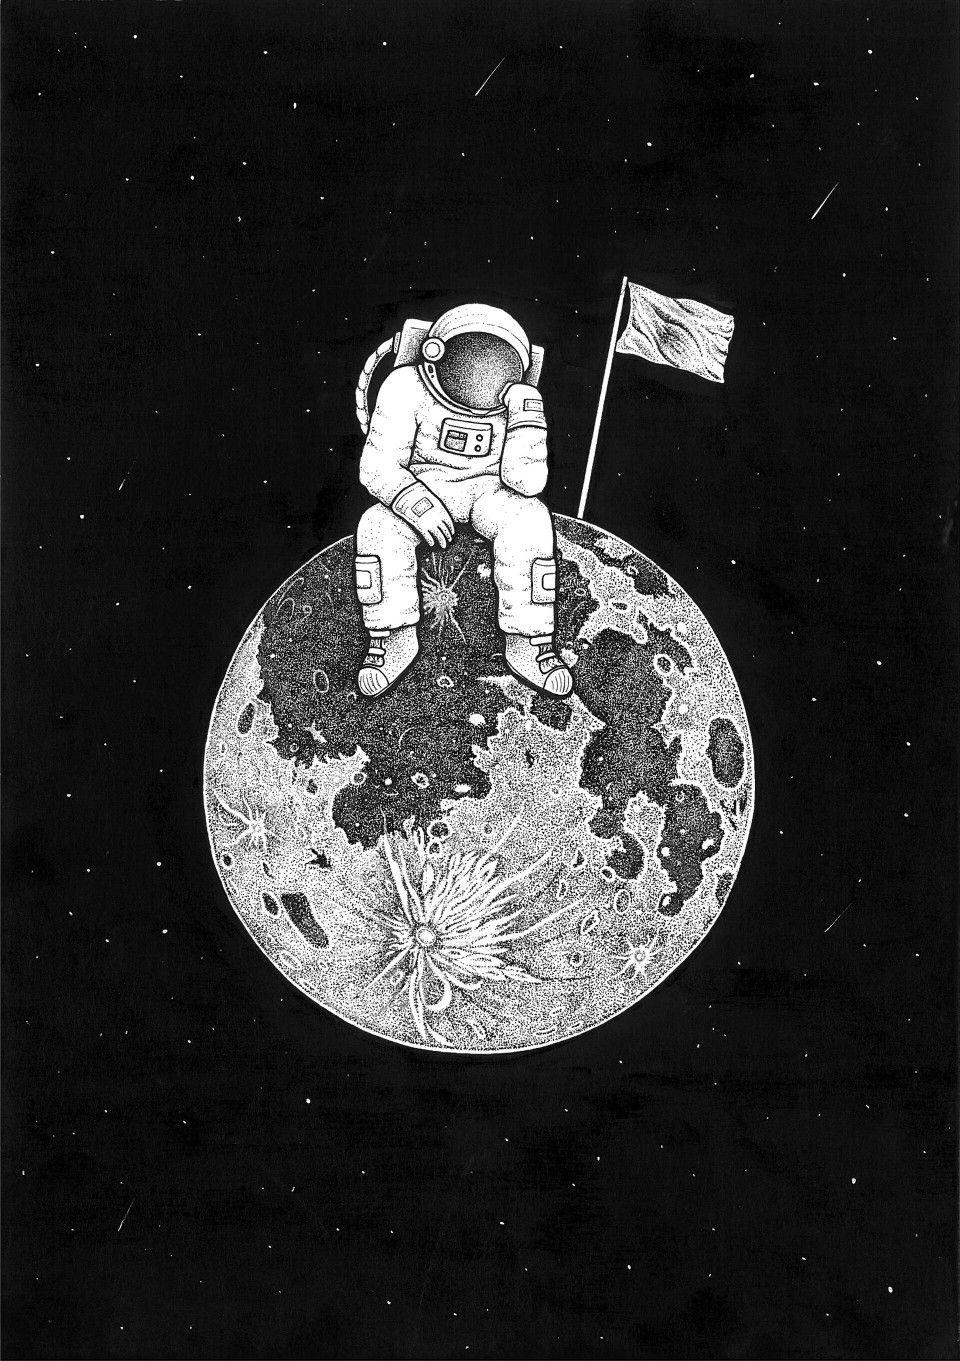 pin by mmmmmmmia on space in 2018 pinterest wallpaper